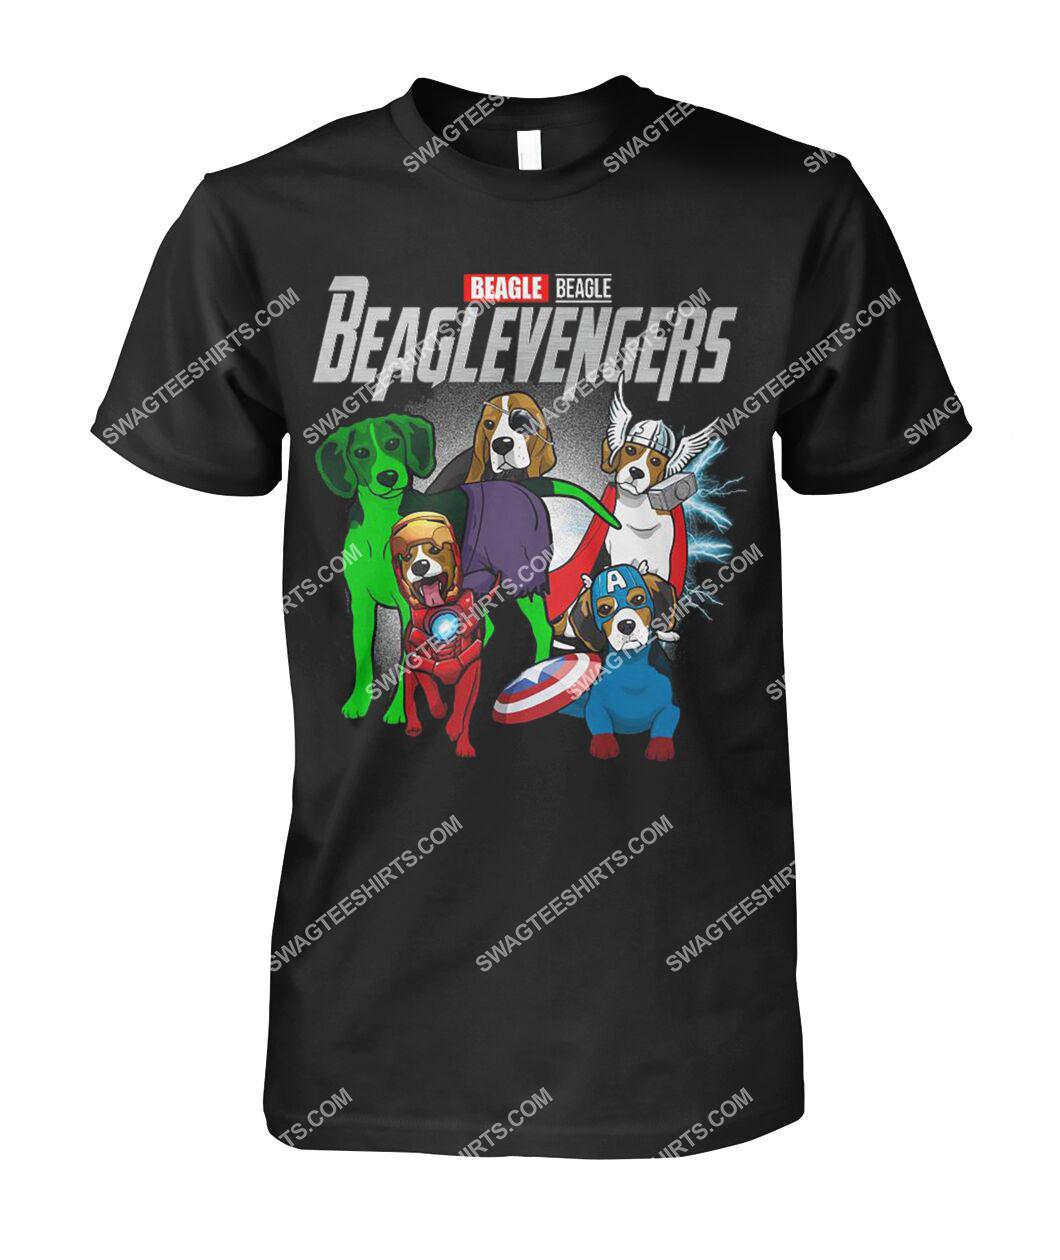 beagle beaglevengers marvel avengers dogs lover tshirt 1